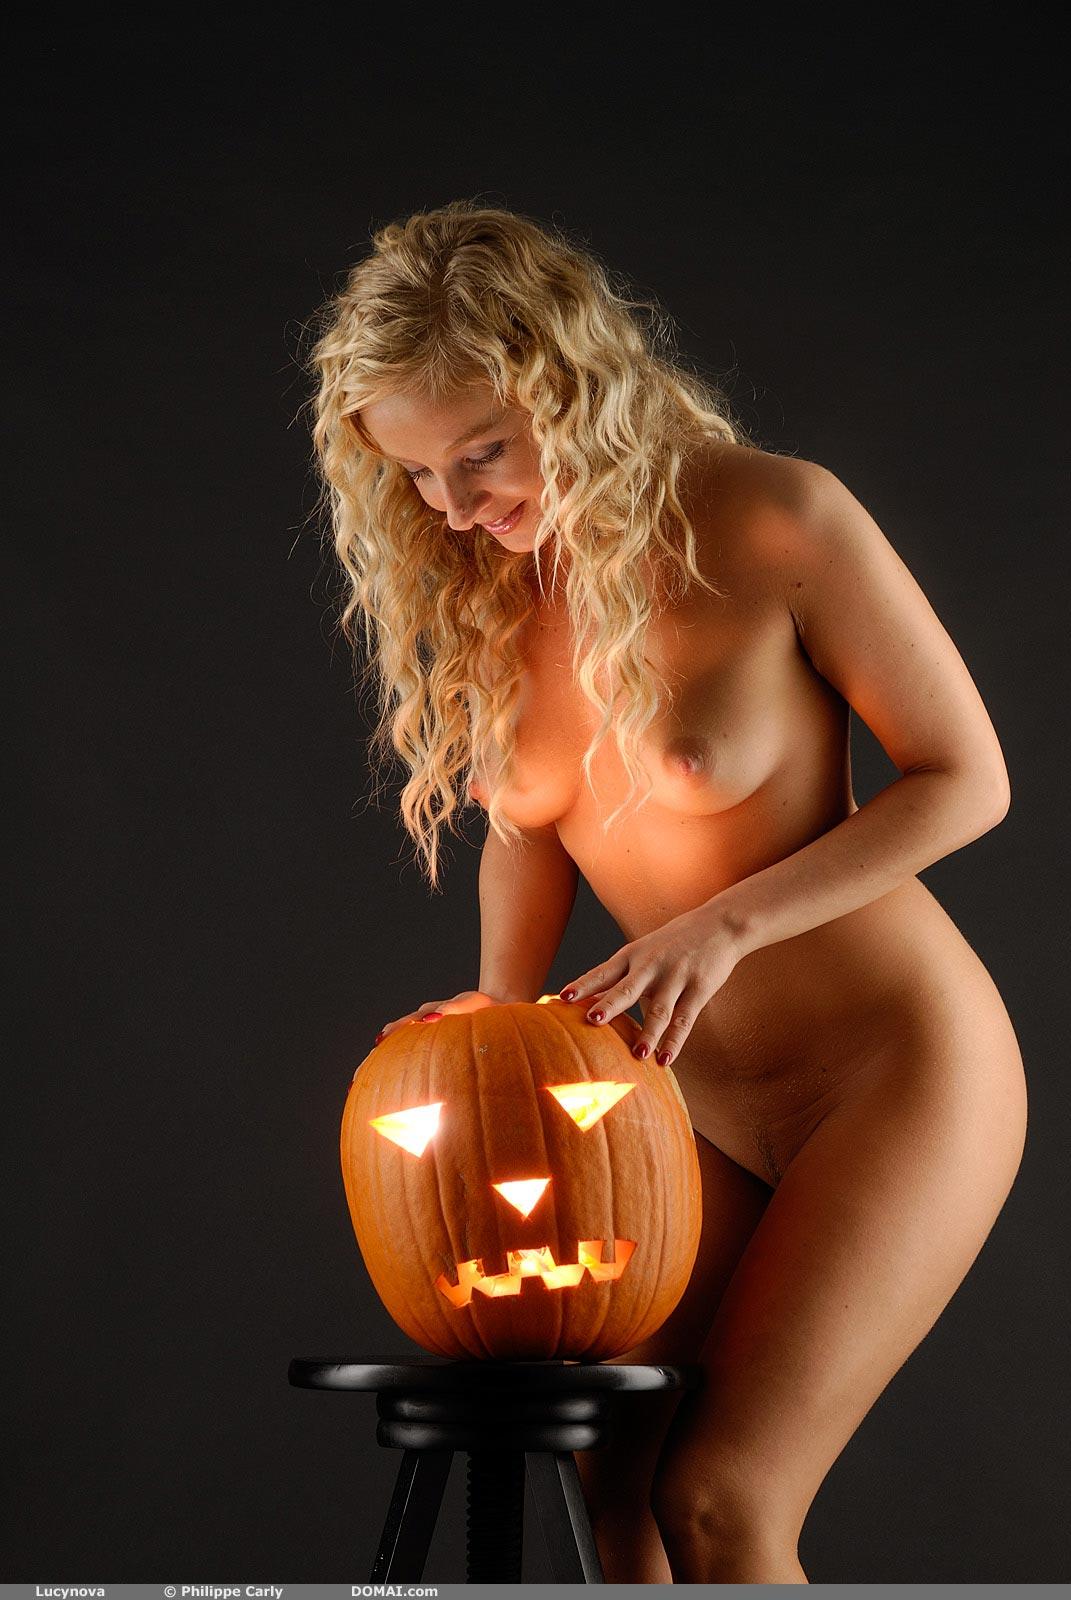 Смотреть онлайн порно кастинг celine sylvia 28 фотография